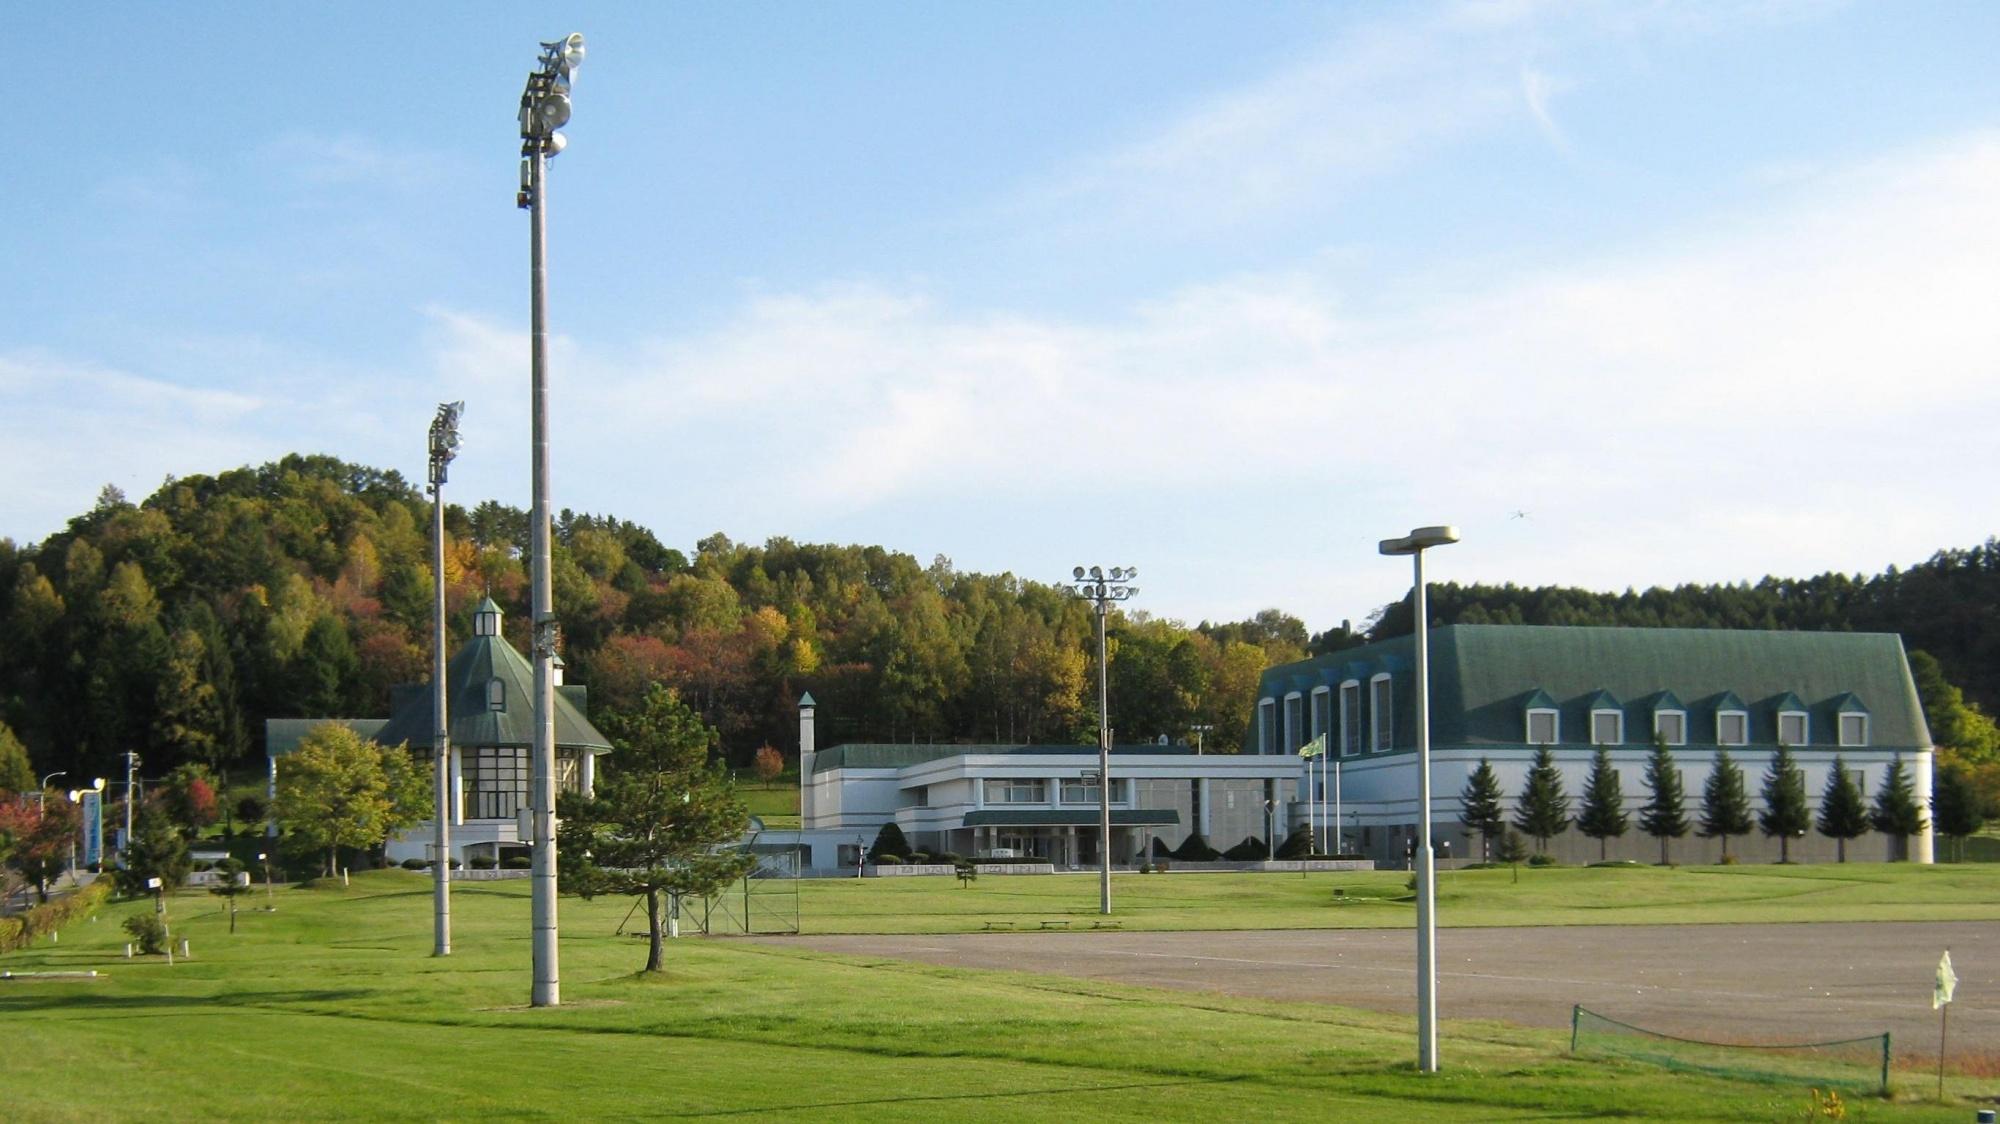 平成24 年に創立60周年を迎え、今後も 町内各種スポーツ事業を ...